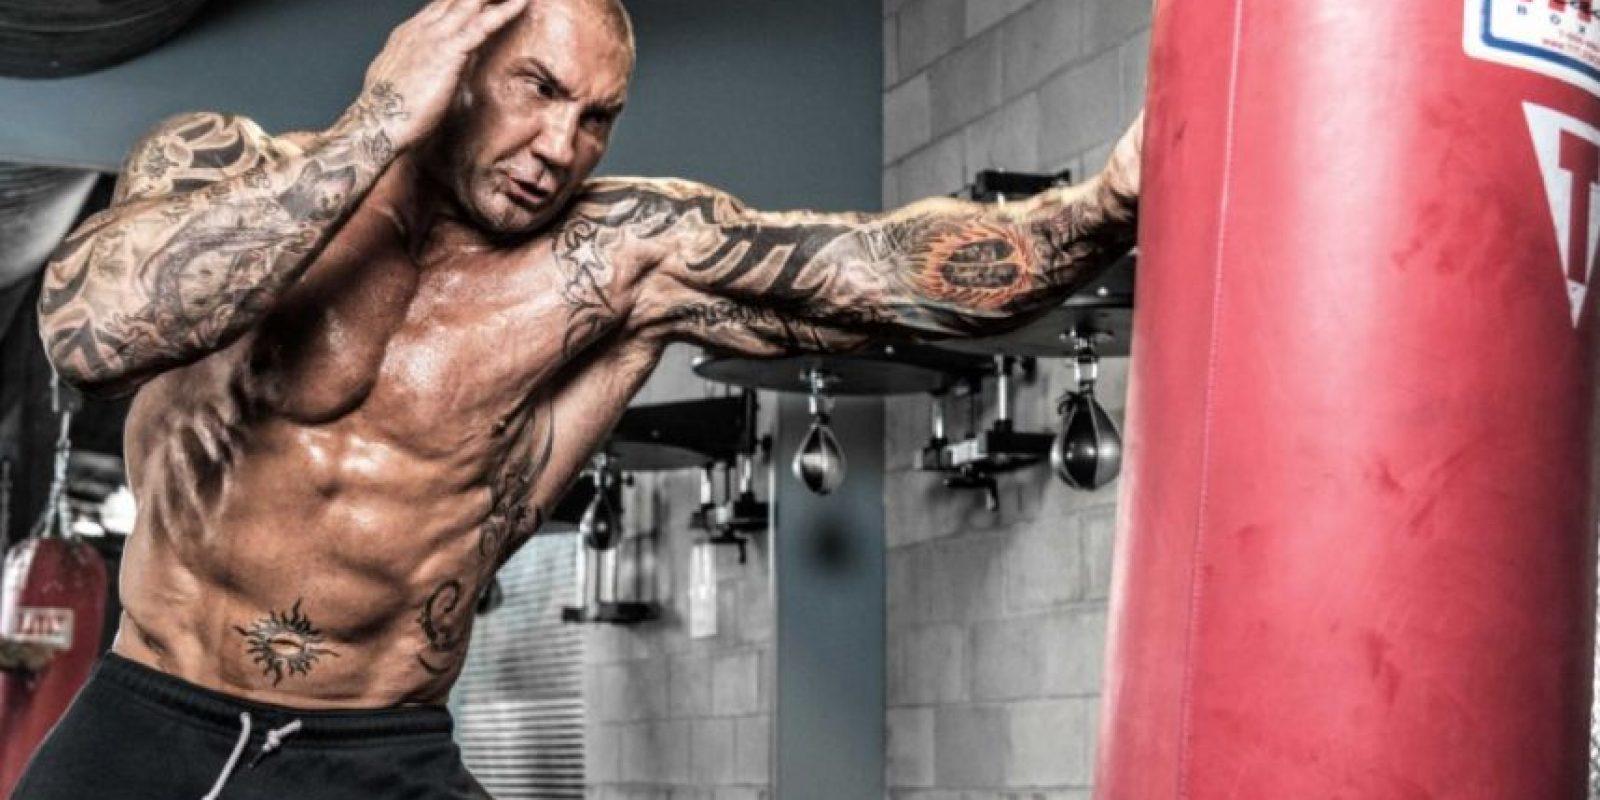 A Batista no le gustó como lo trataron en sus despedidas Foto:Vía instagram.com/davebautista